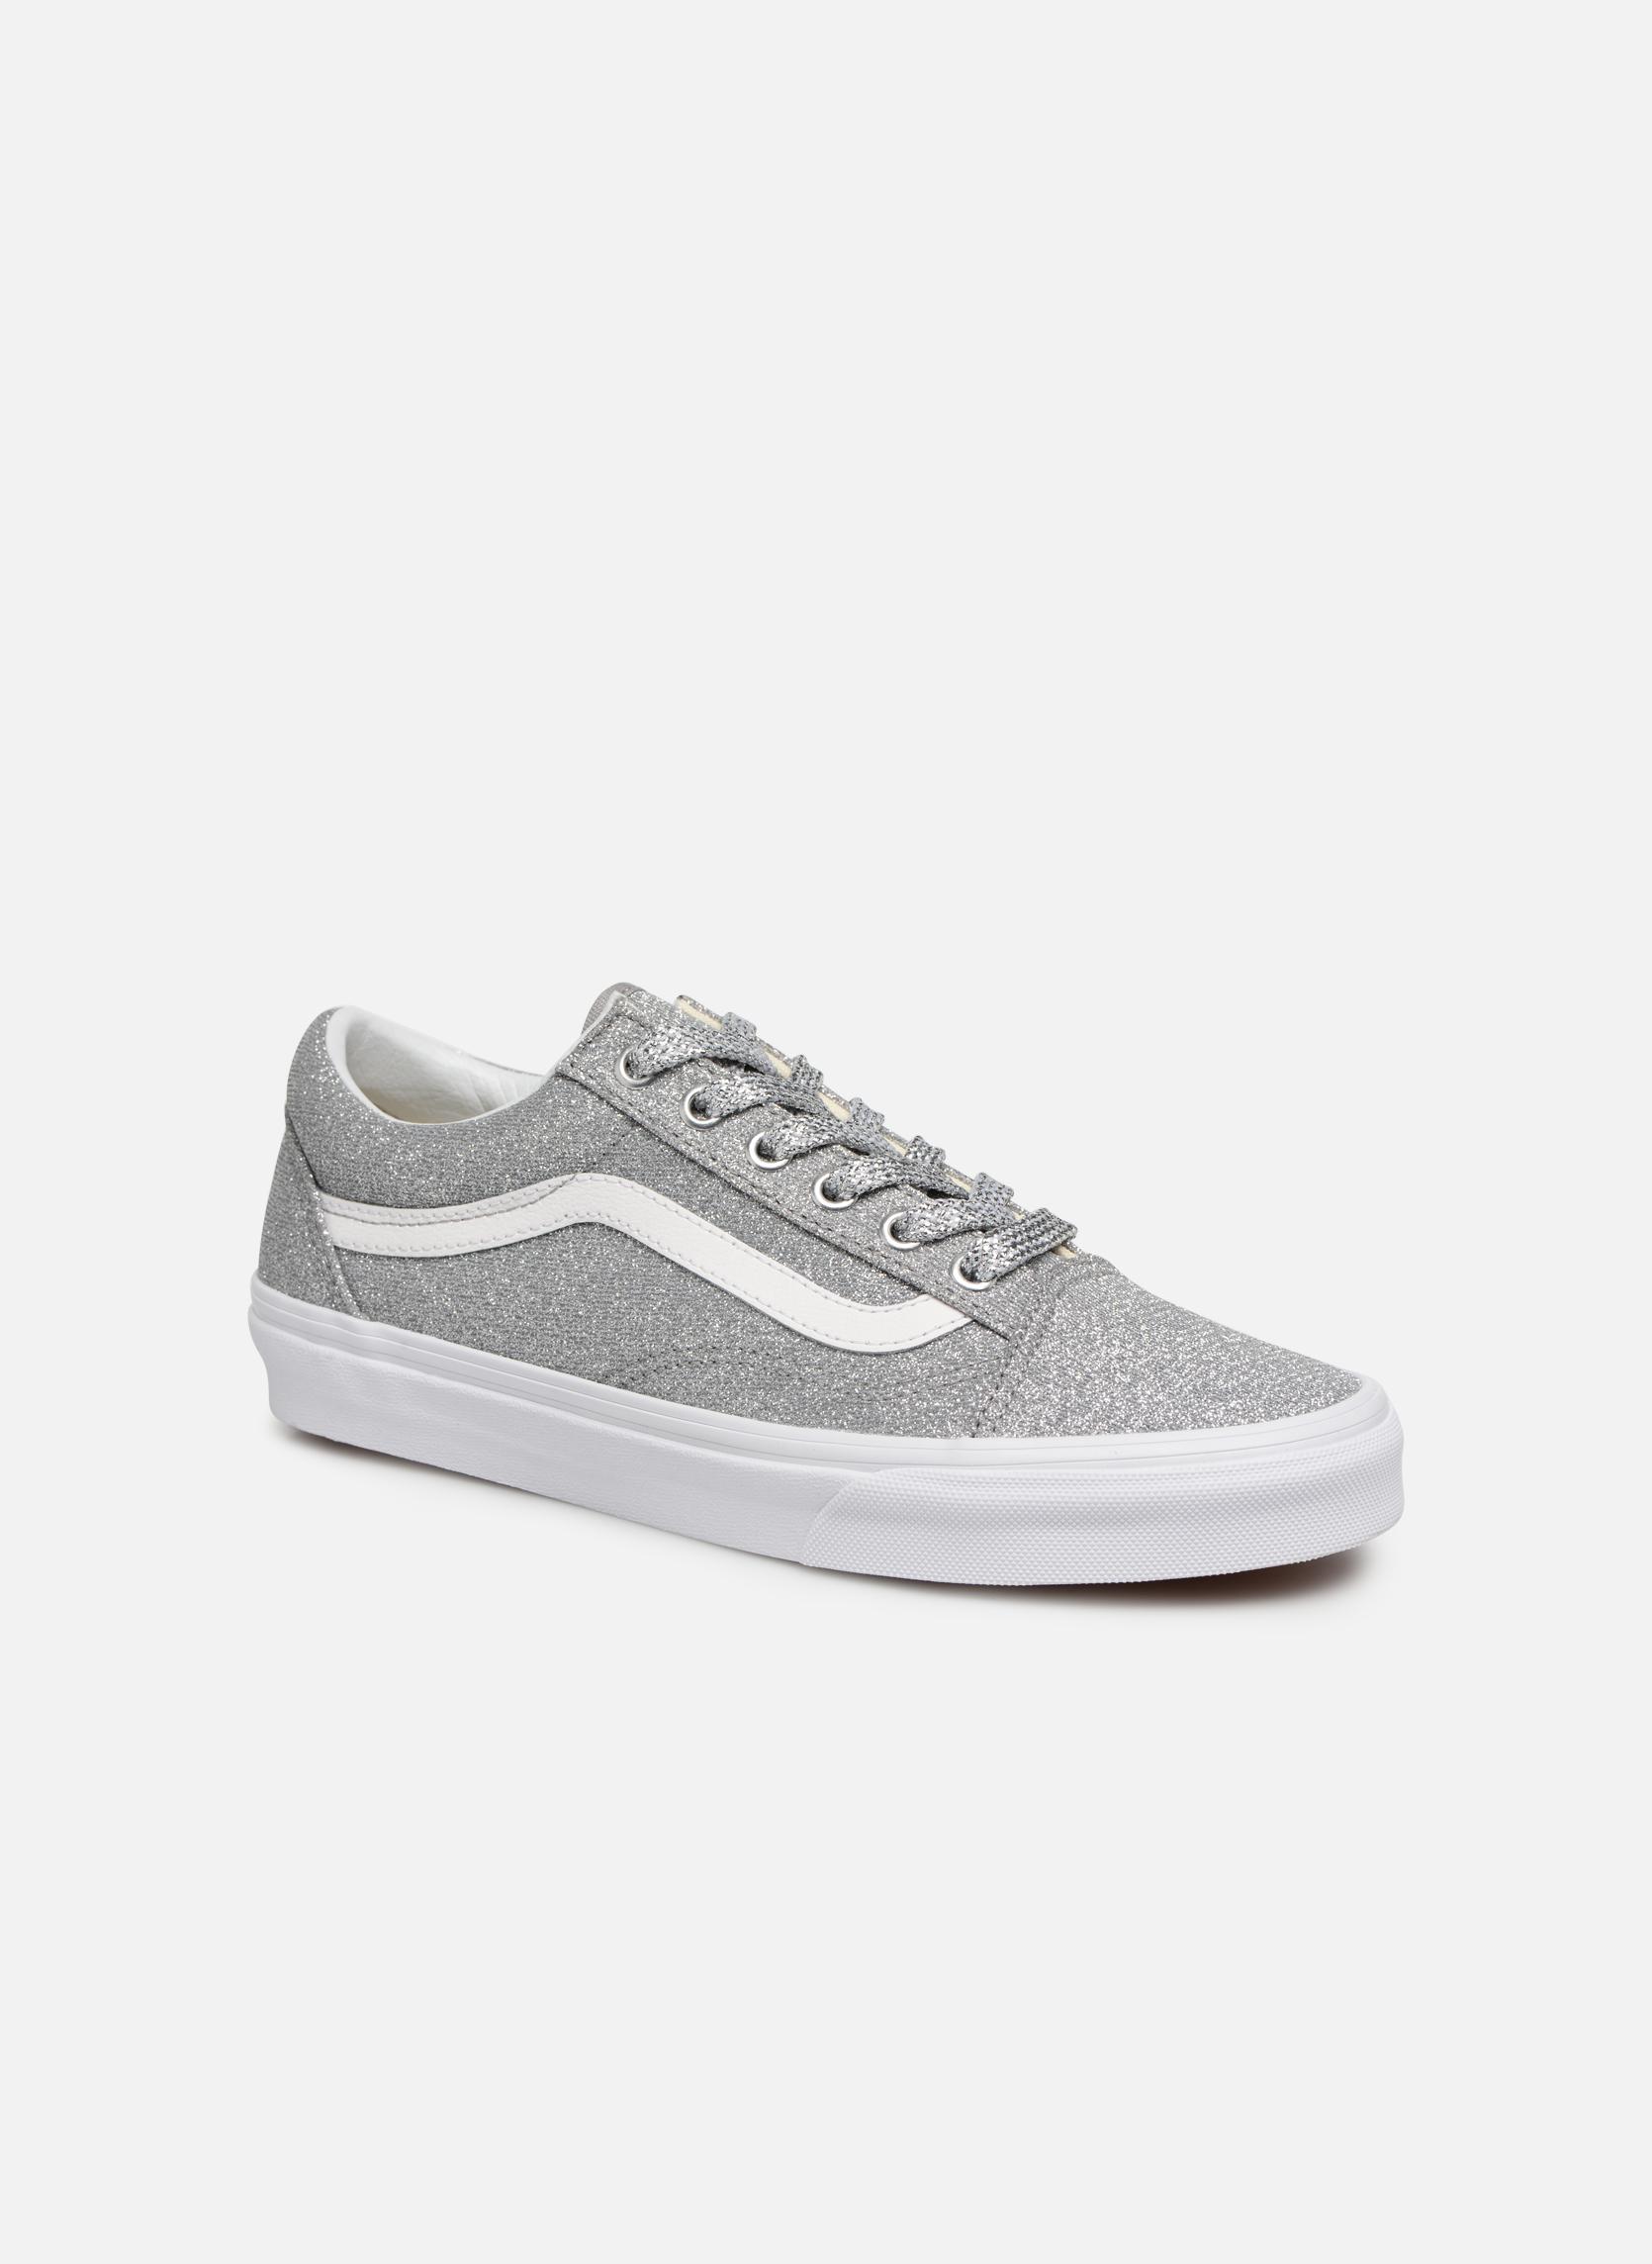 (Lurex Glitter) Silver/True White